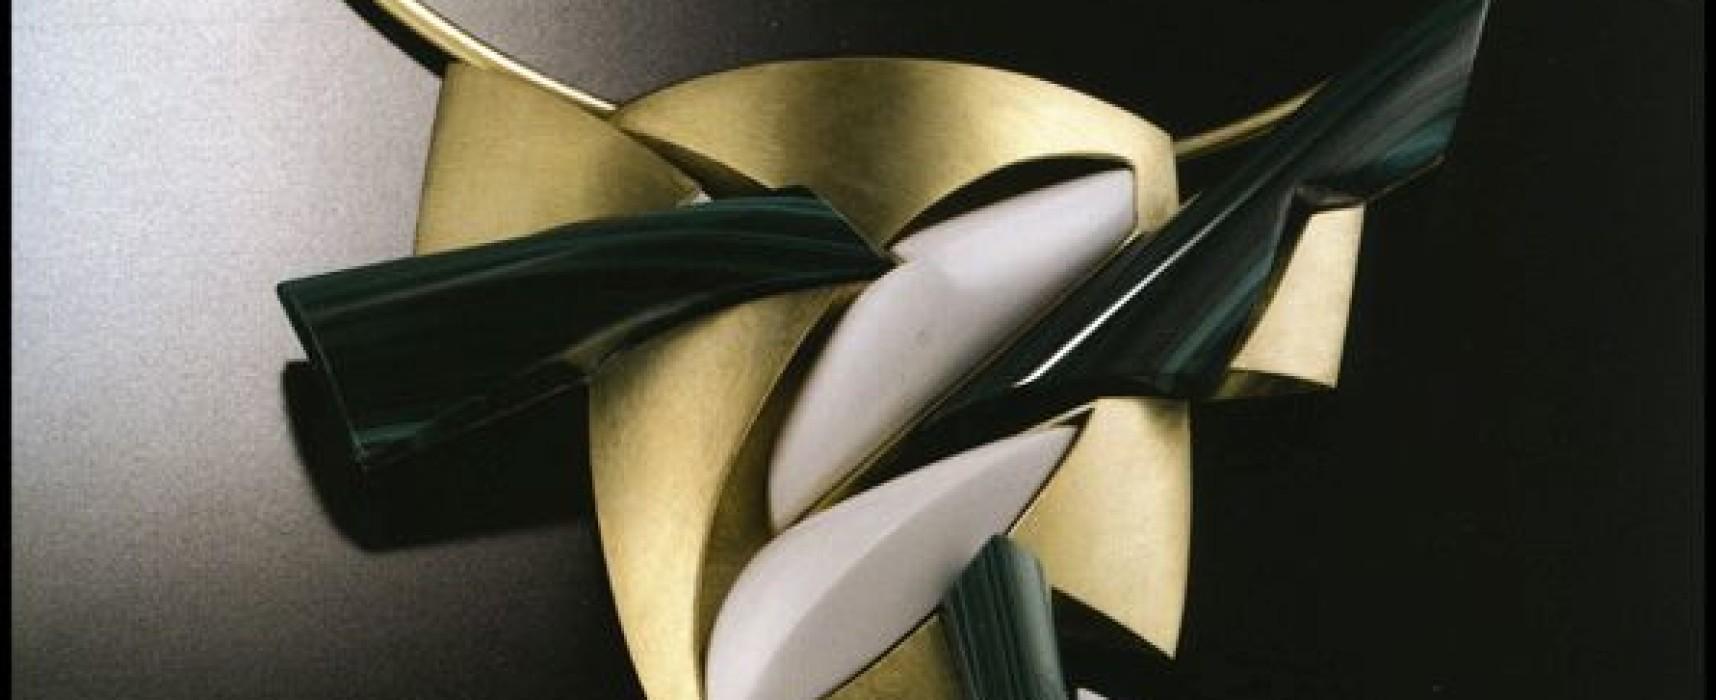 """Gioielli, ad Arezzo aperte le iscrizioni al master """"Storia e Design del gioiello"""""""